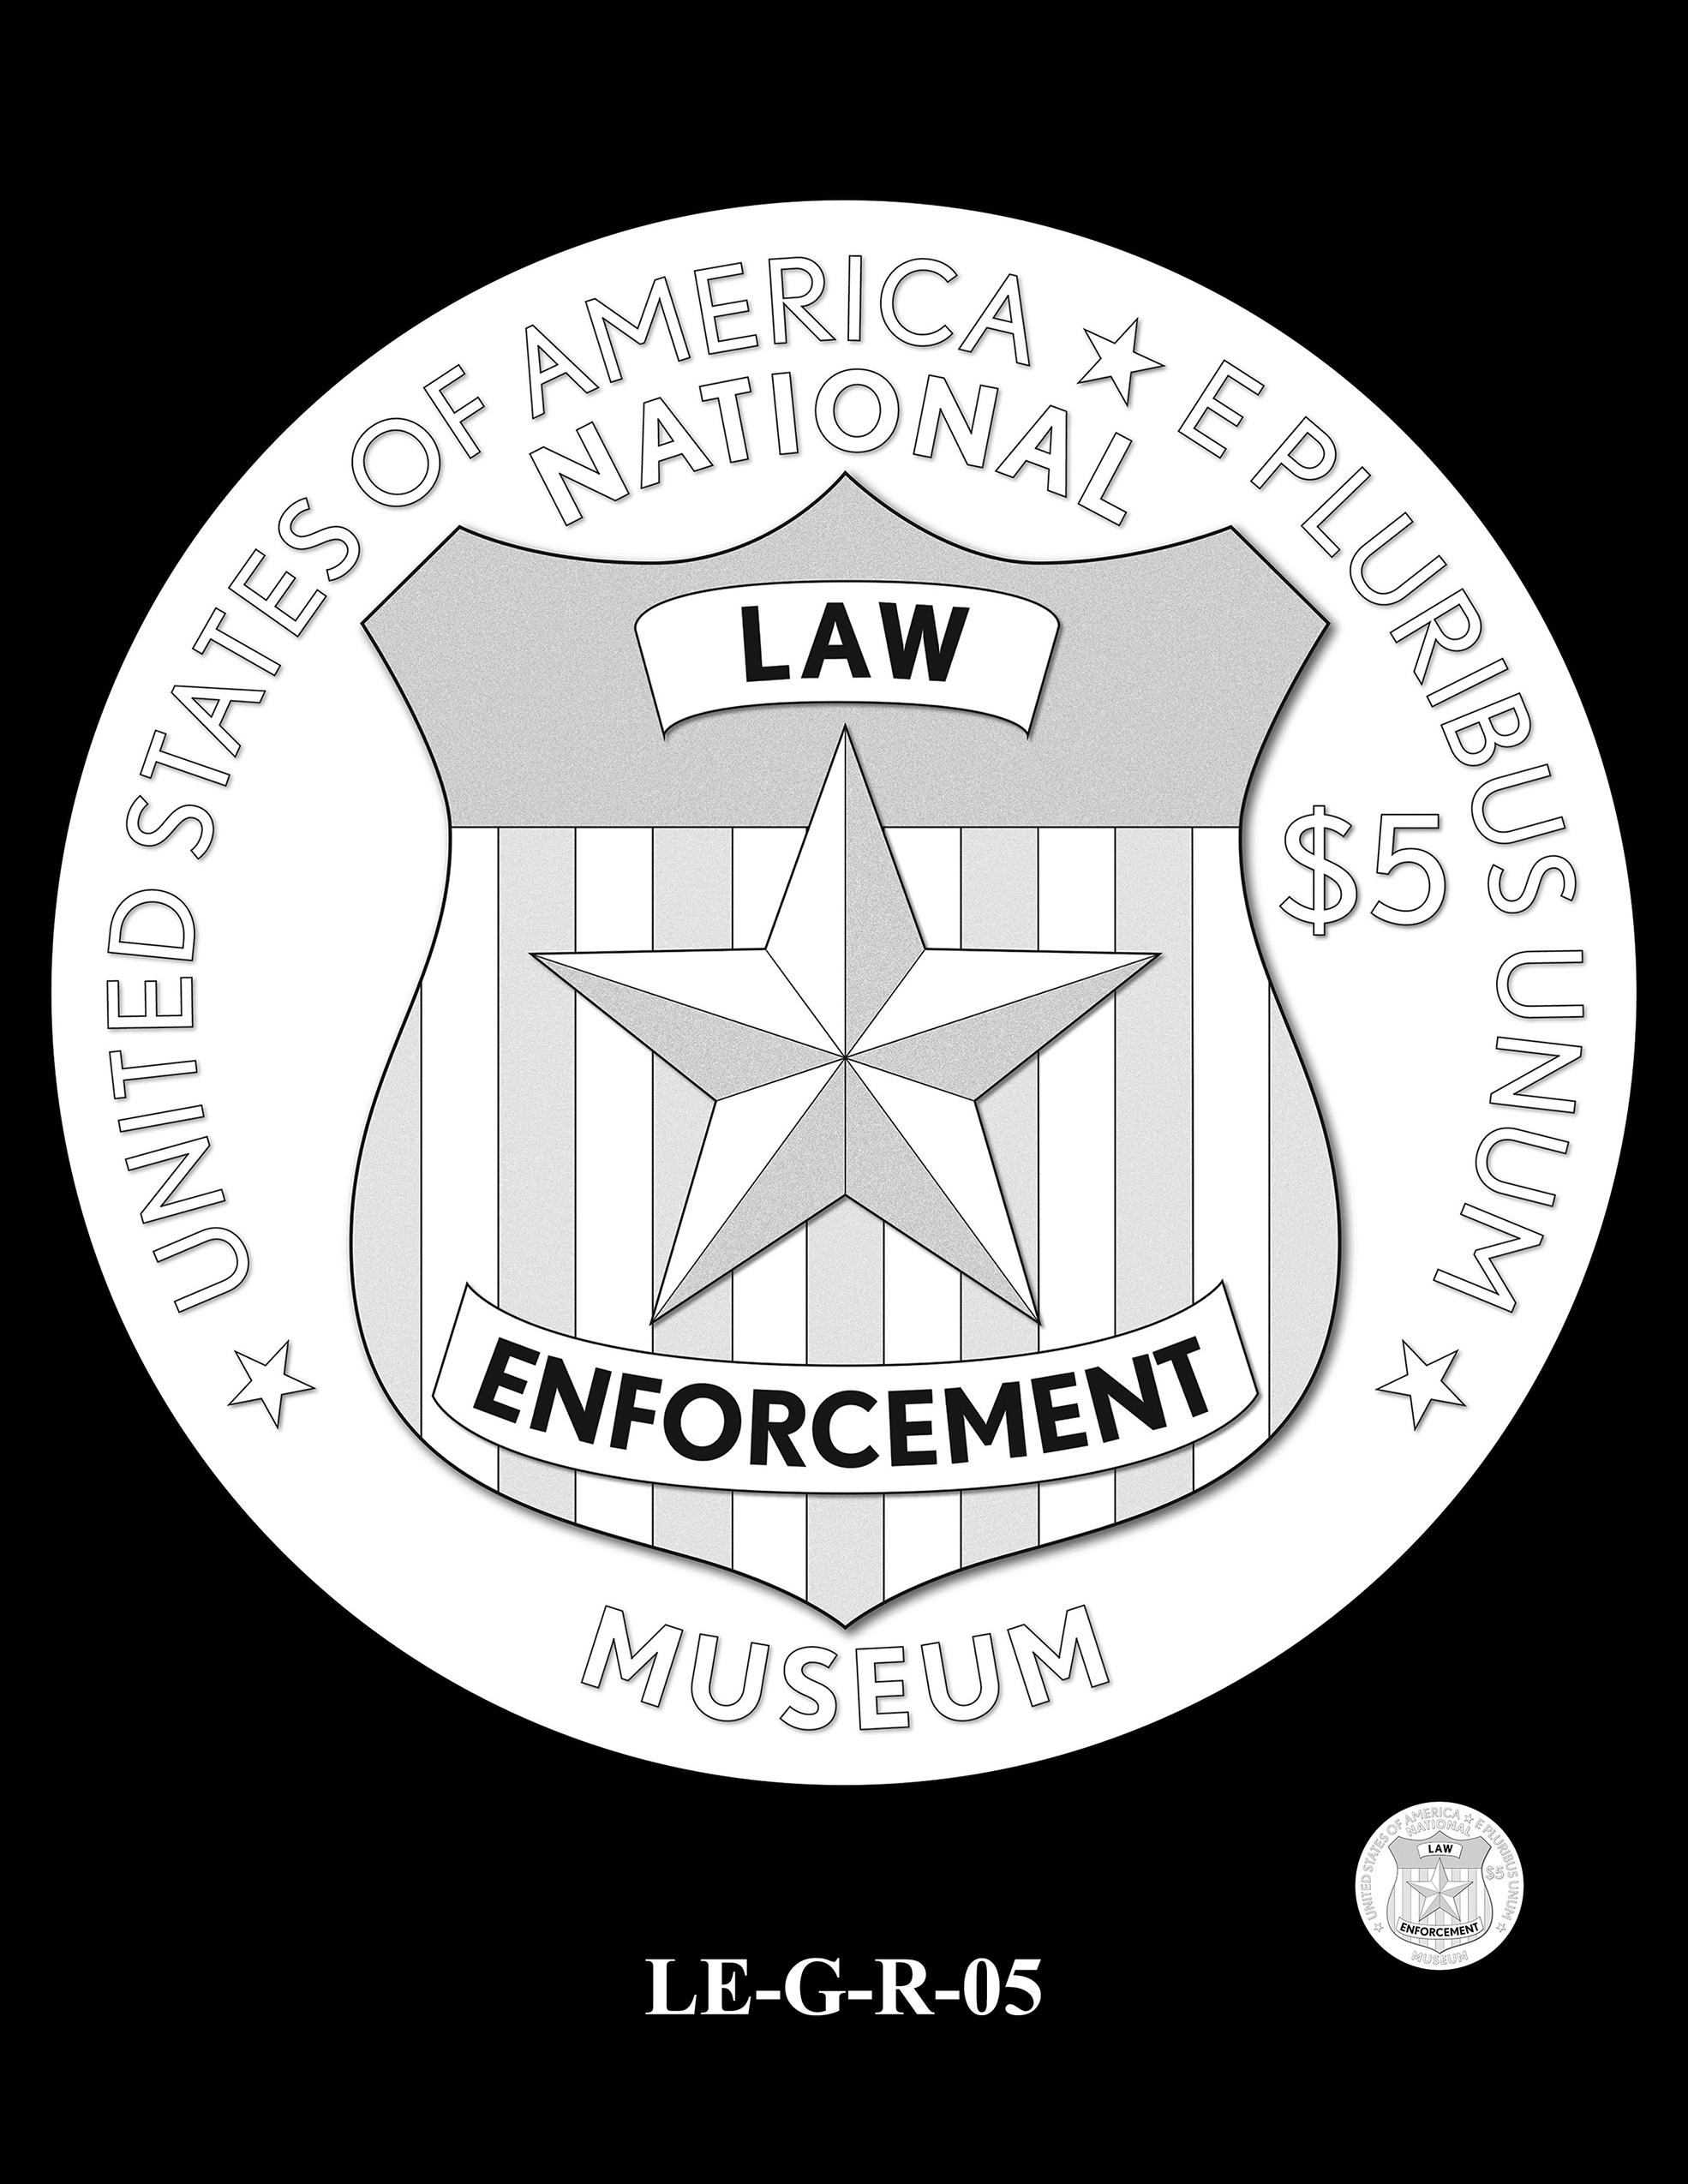 LE-G-R-05 -- National Law Enforcement Museum Commemorative Coin Program